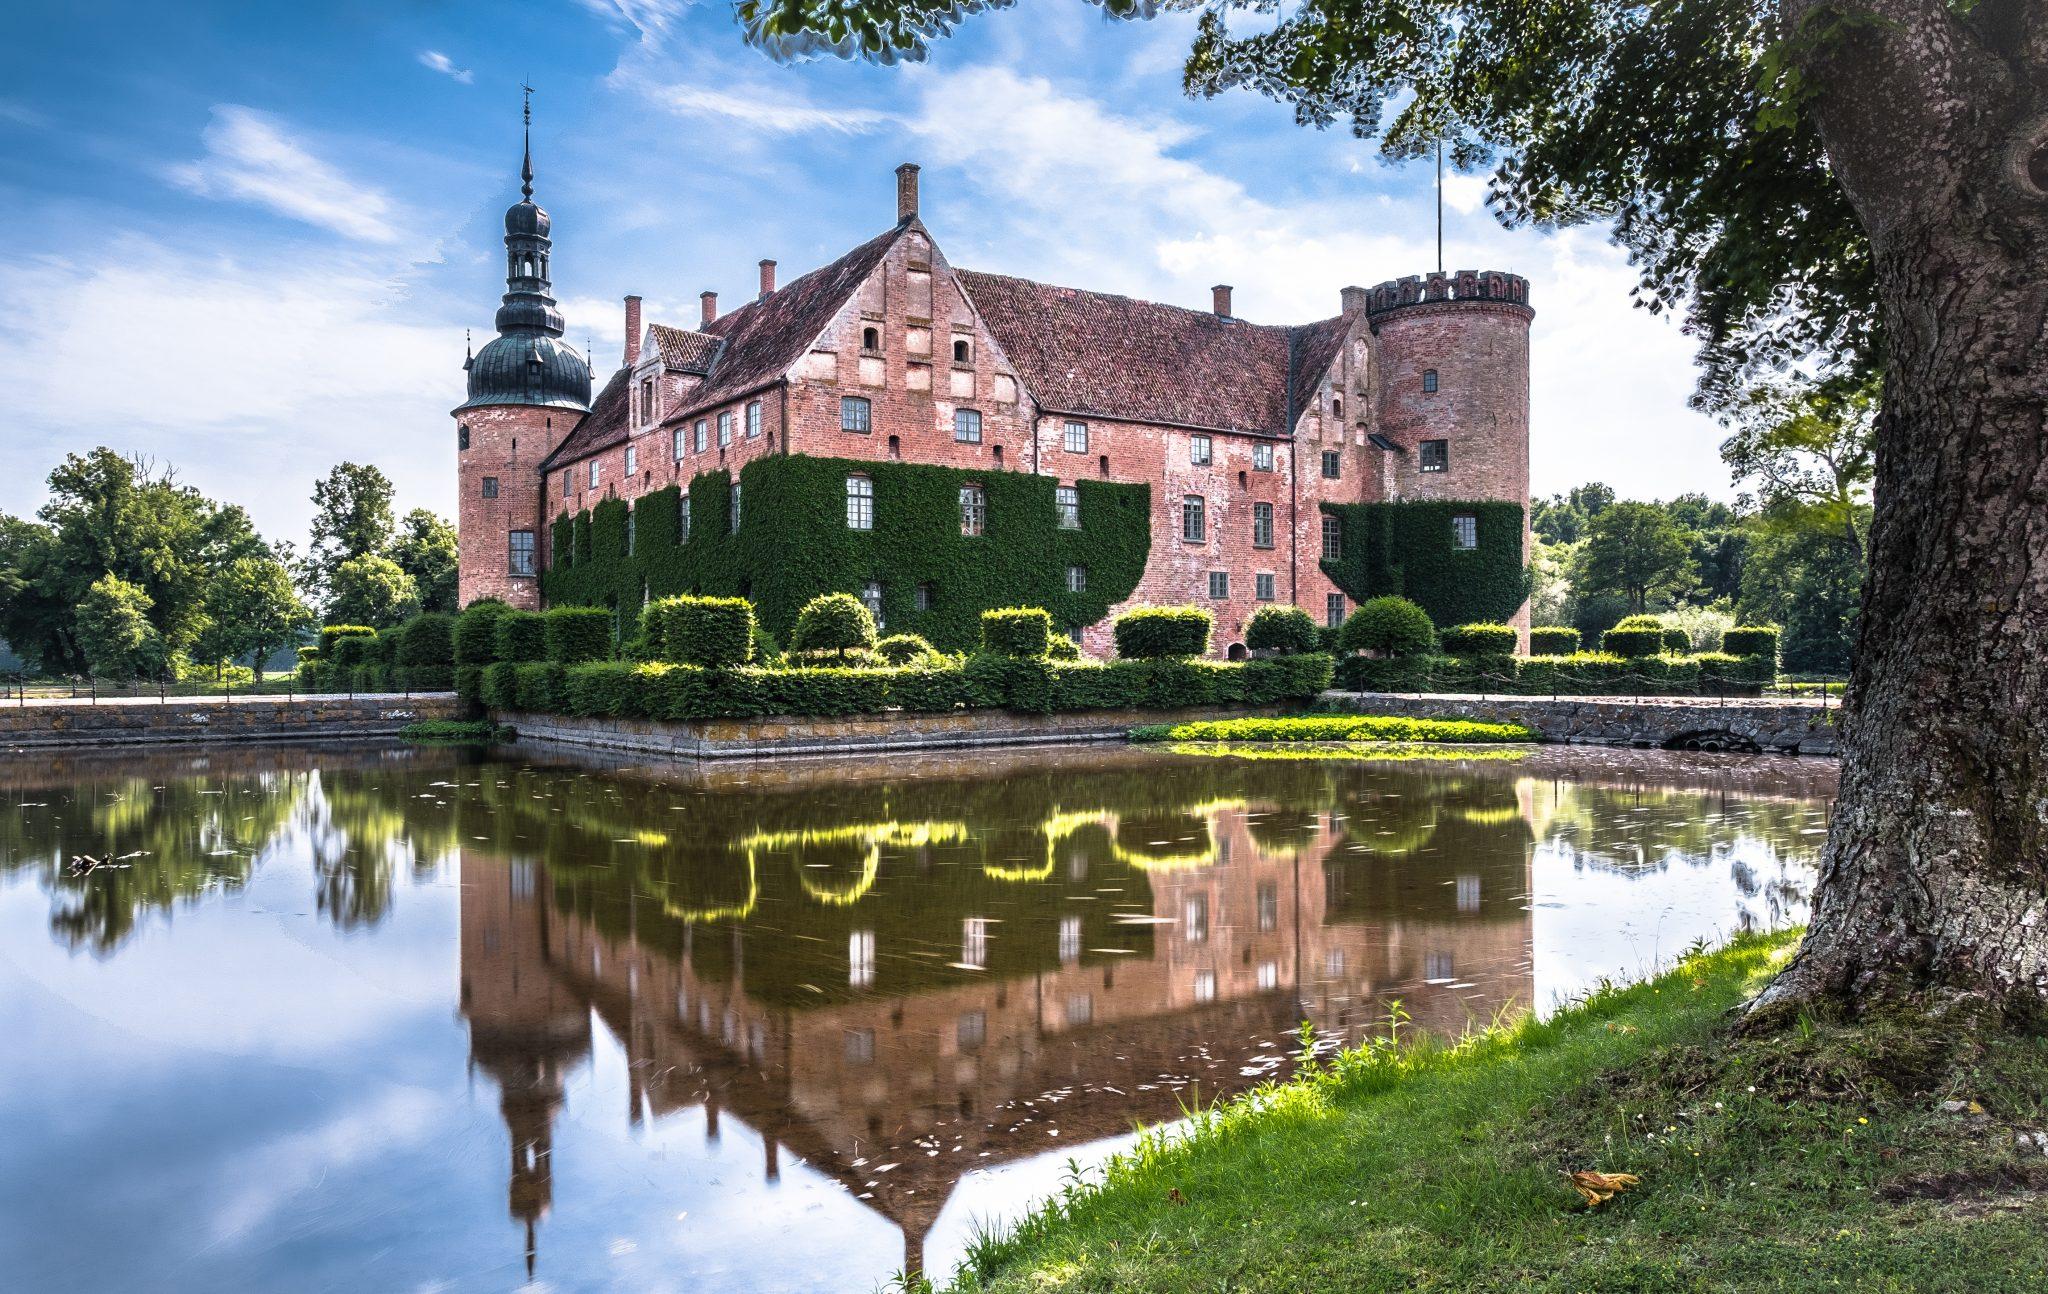 Sweden - Vittsklöve castle, Sweden